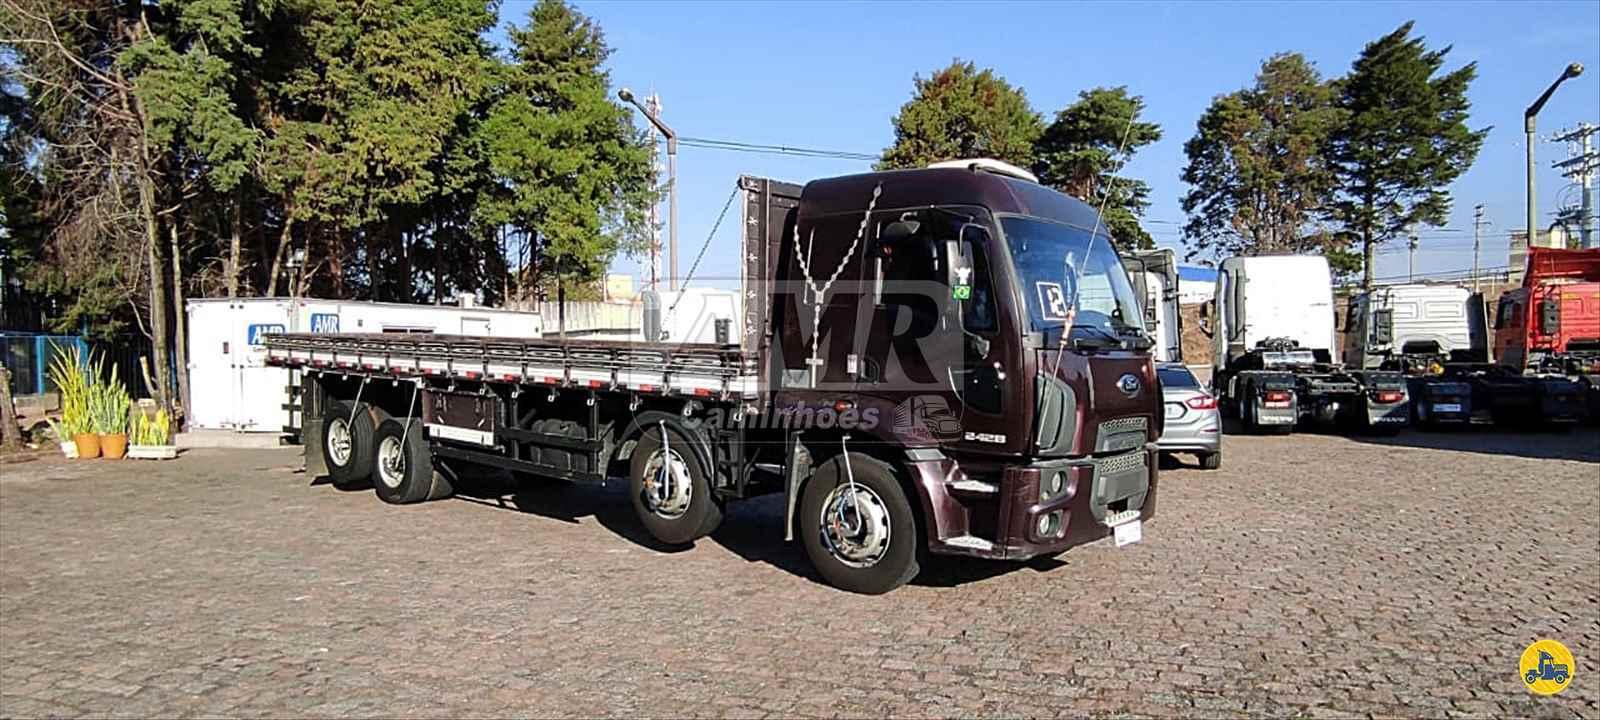 CAMINHAO FORD CARGO 2428 Carga Seca BiTruck 8x2 AMR Caminhões JUNDIAI SÃO PAULO SP